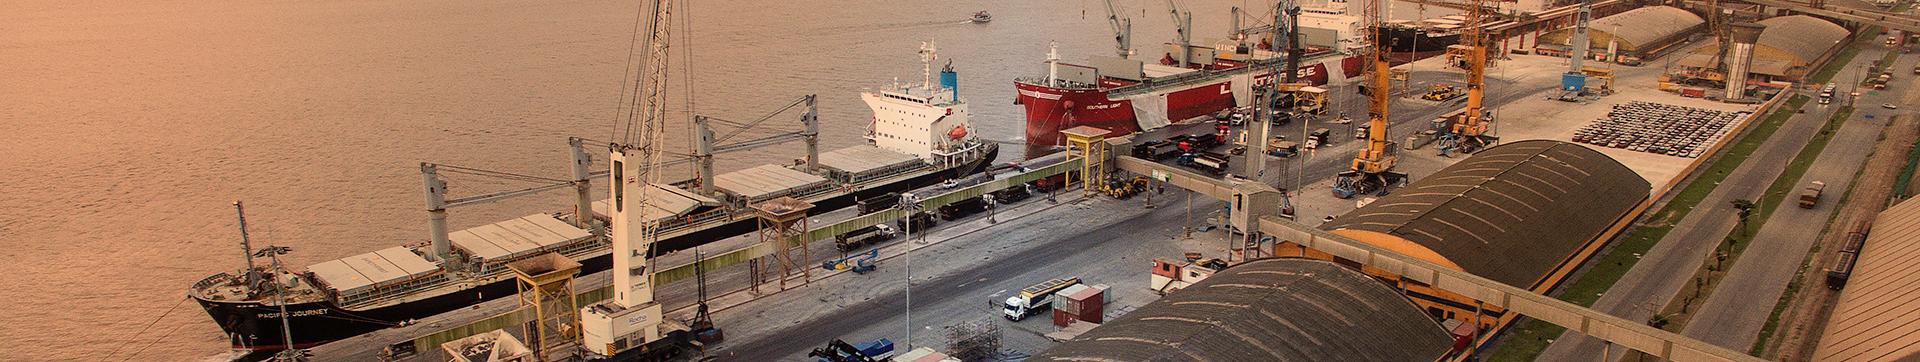 RFB - Rocha Terminais Portuários e Logística